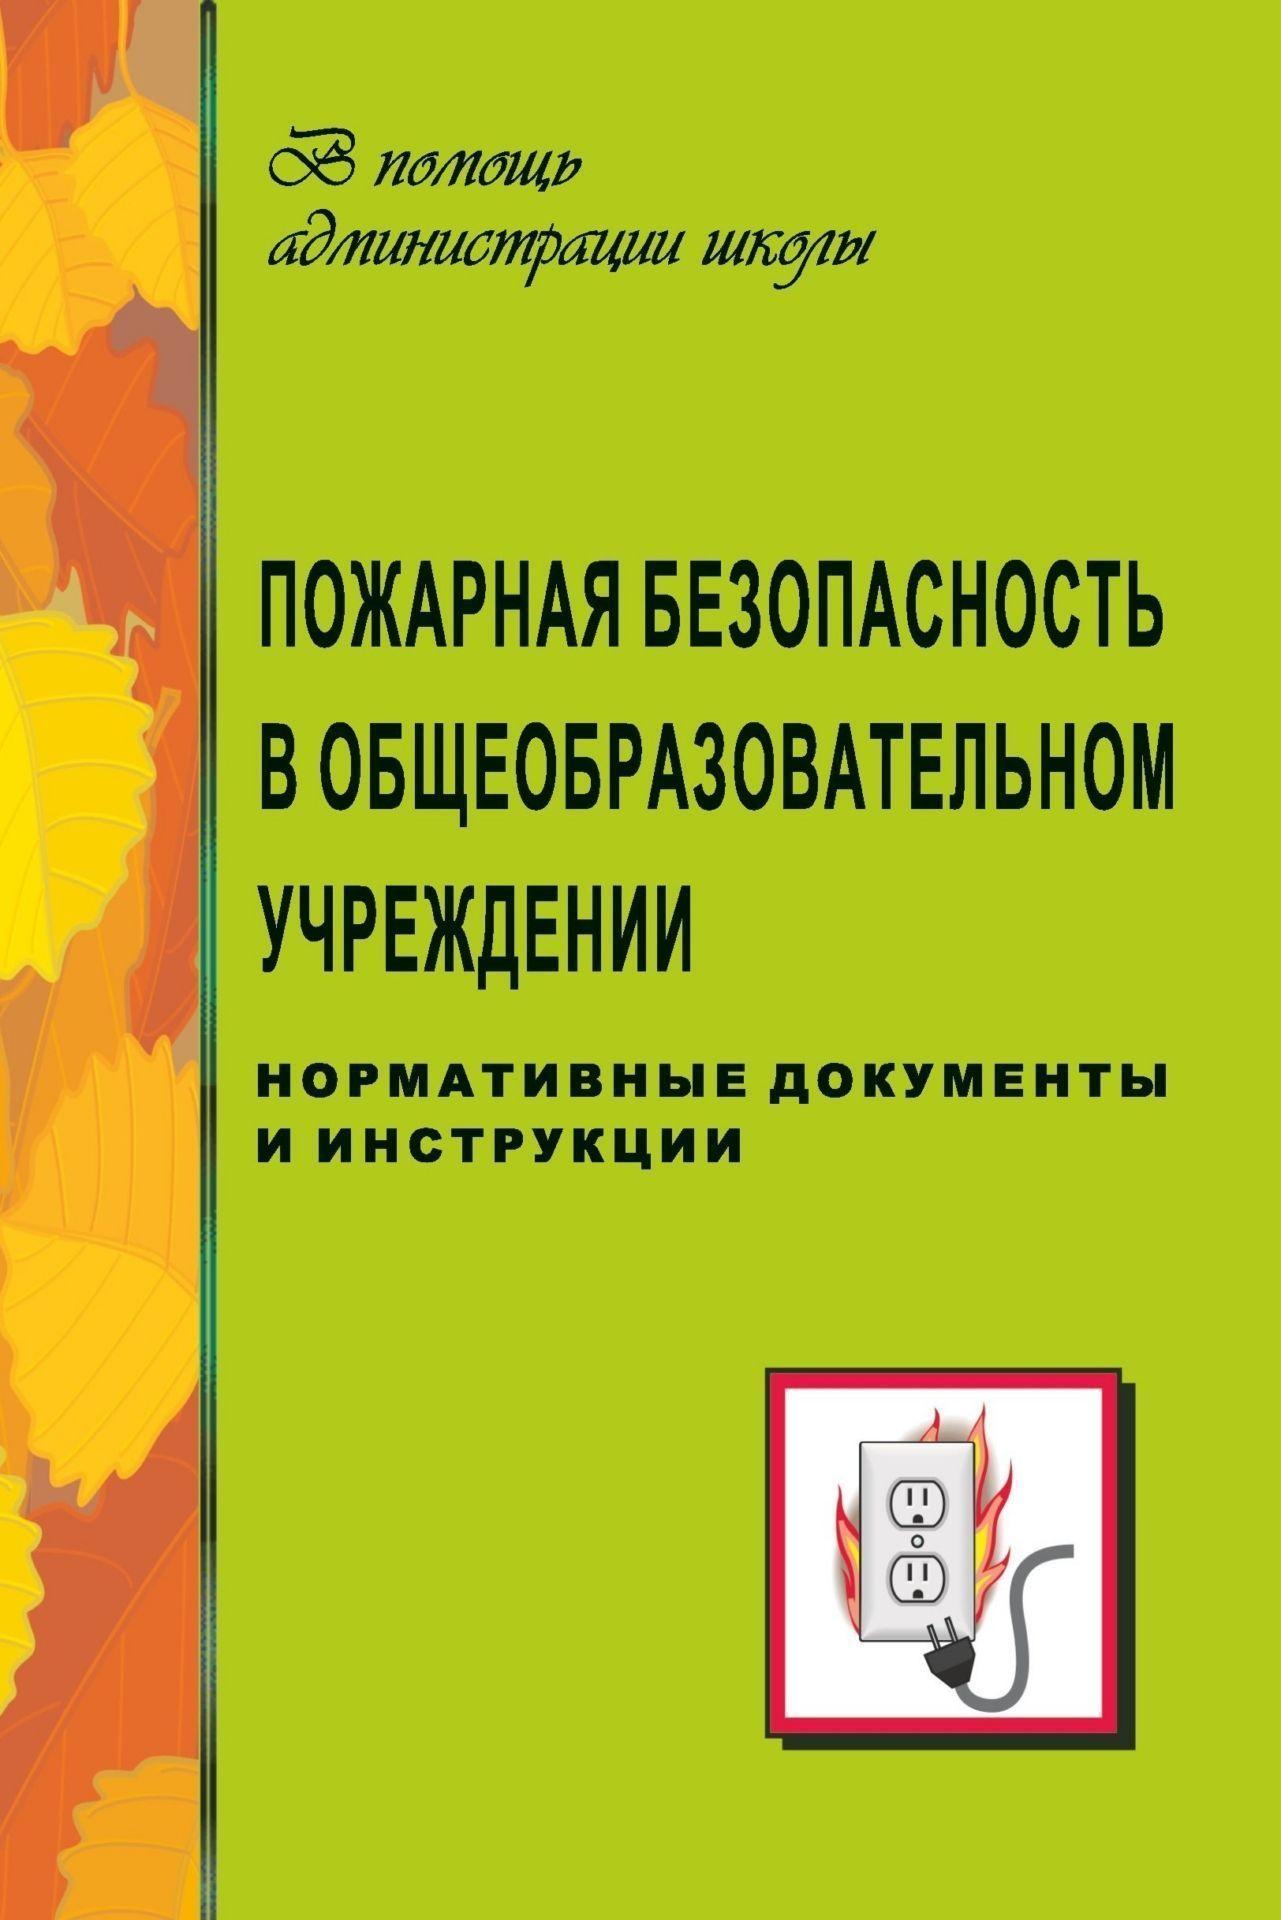 Пожарная безопасность в общеобразоват. учреждении (нормативные документы, инструкции)